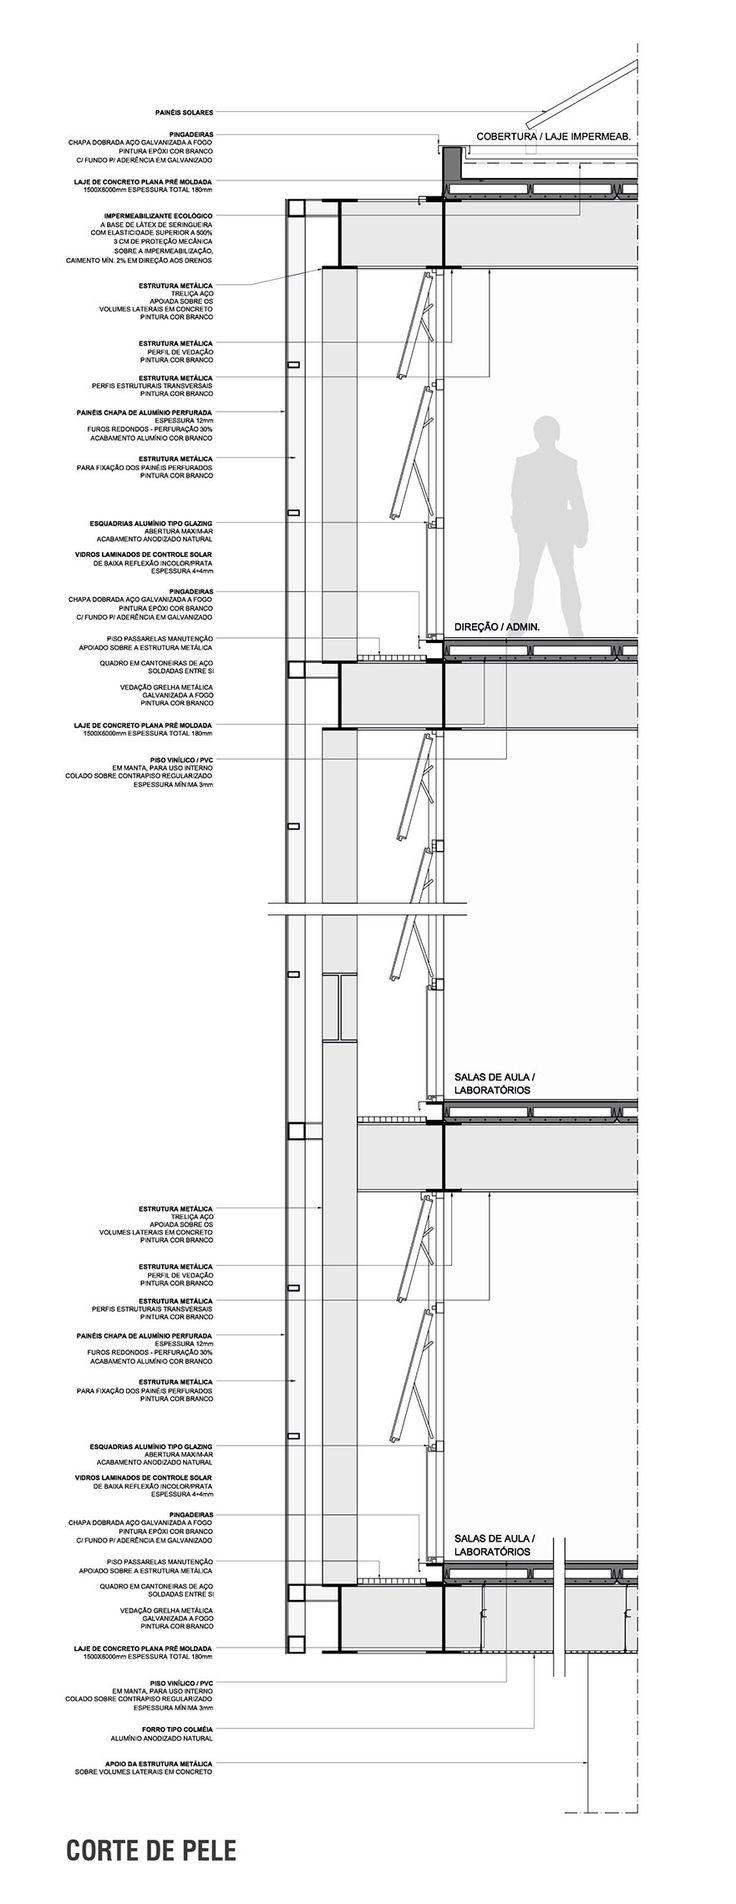 Imagem 15 de 17 da galeria de Primeiro Lugar no Concurso Nacional de Arquitetura – Campus Igara UFCSPA / OSPA. Corte da envoltória. Image Cortesia de OSPA Arquitetura e Urbanismo